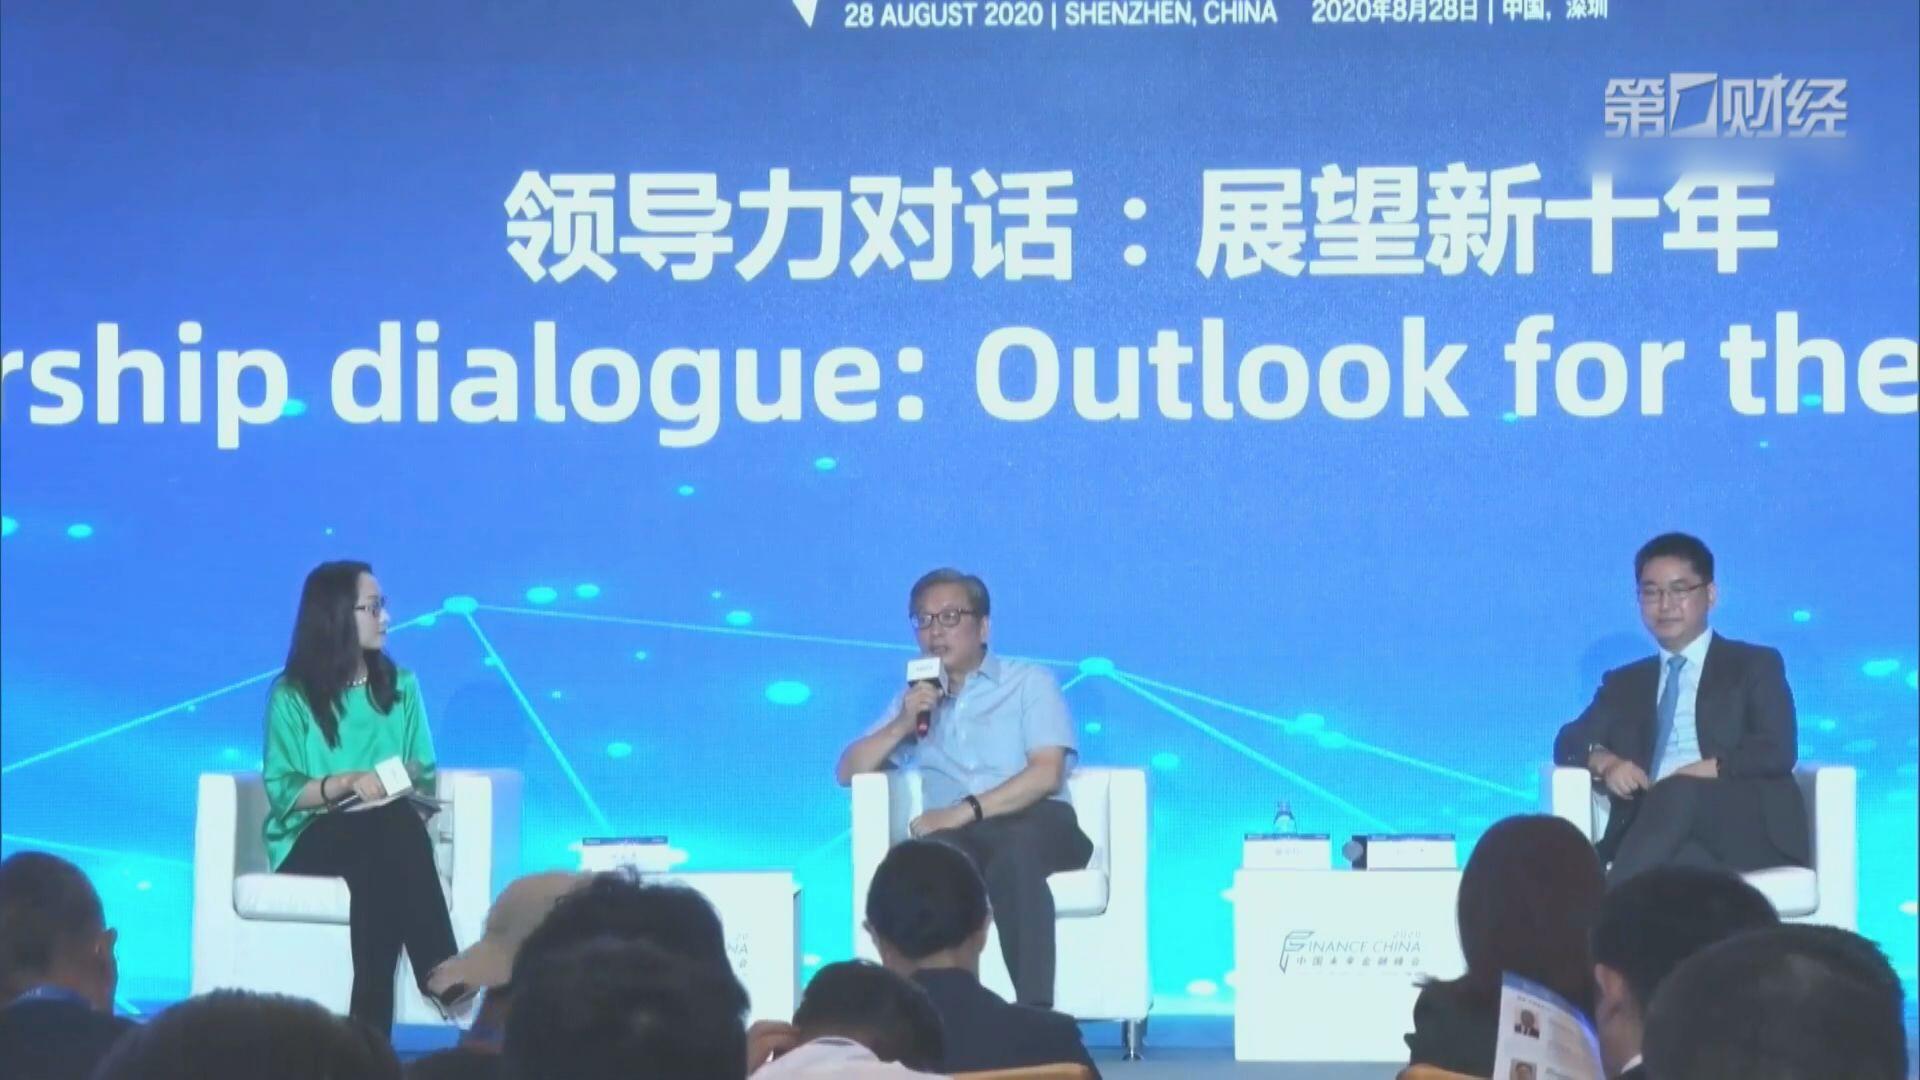 屠光紹:吸引境外公司到中國上市 需有配套政策